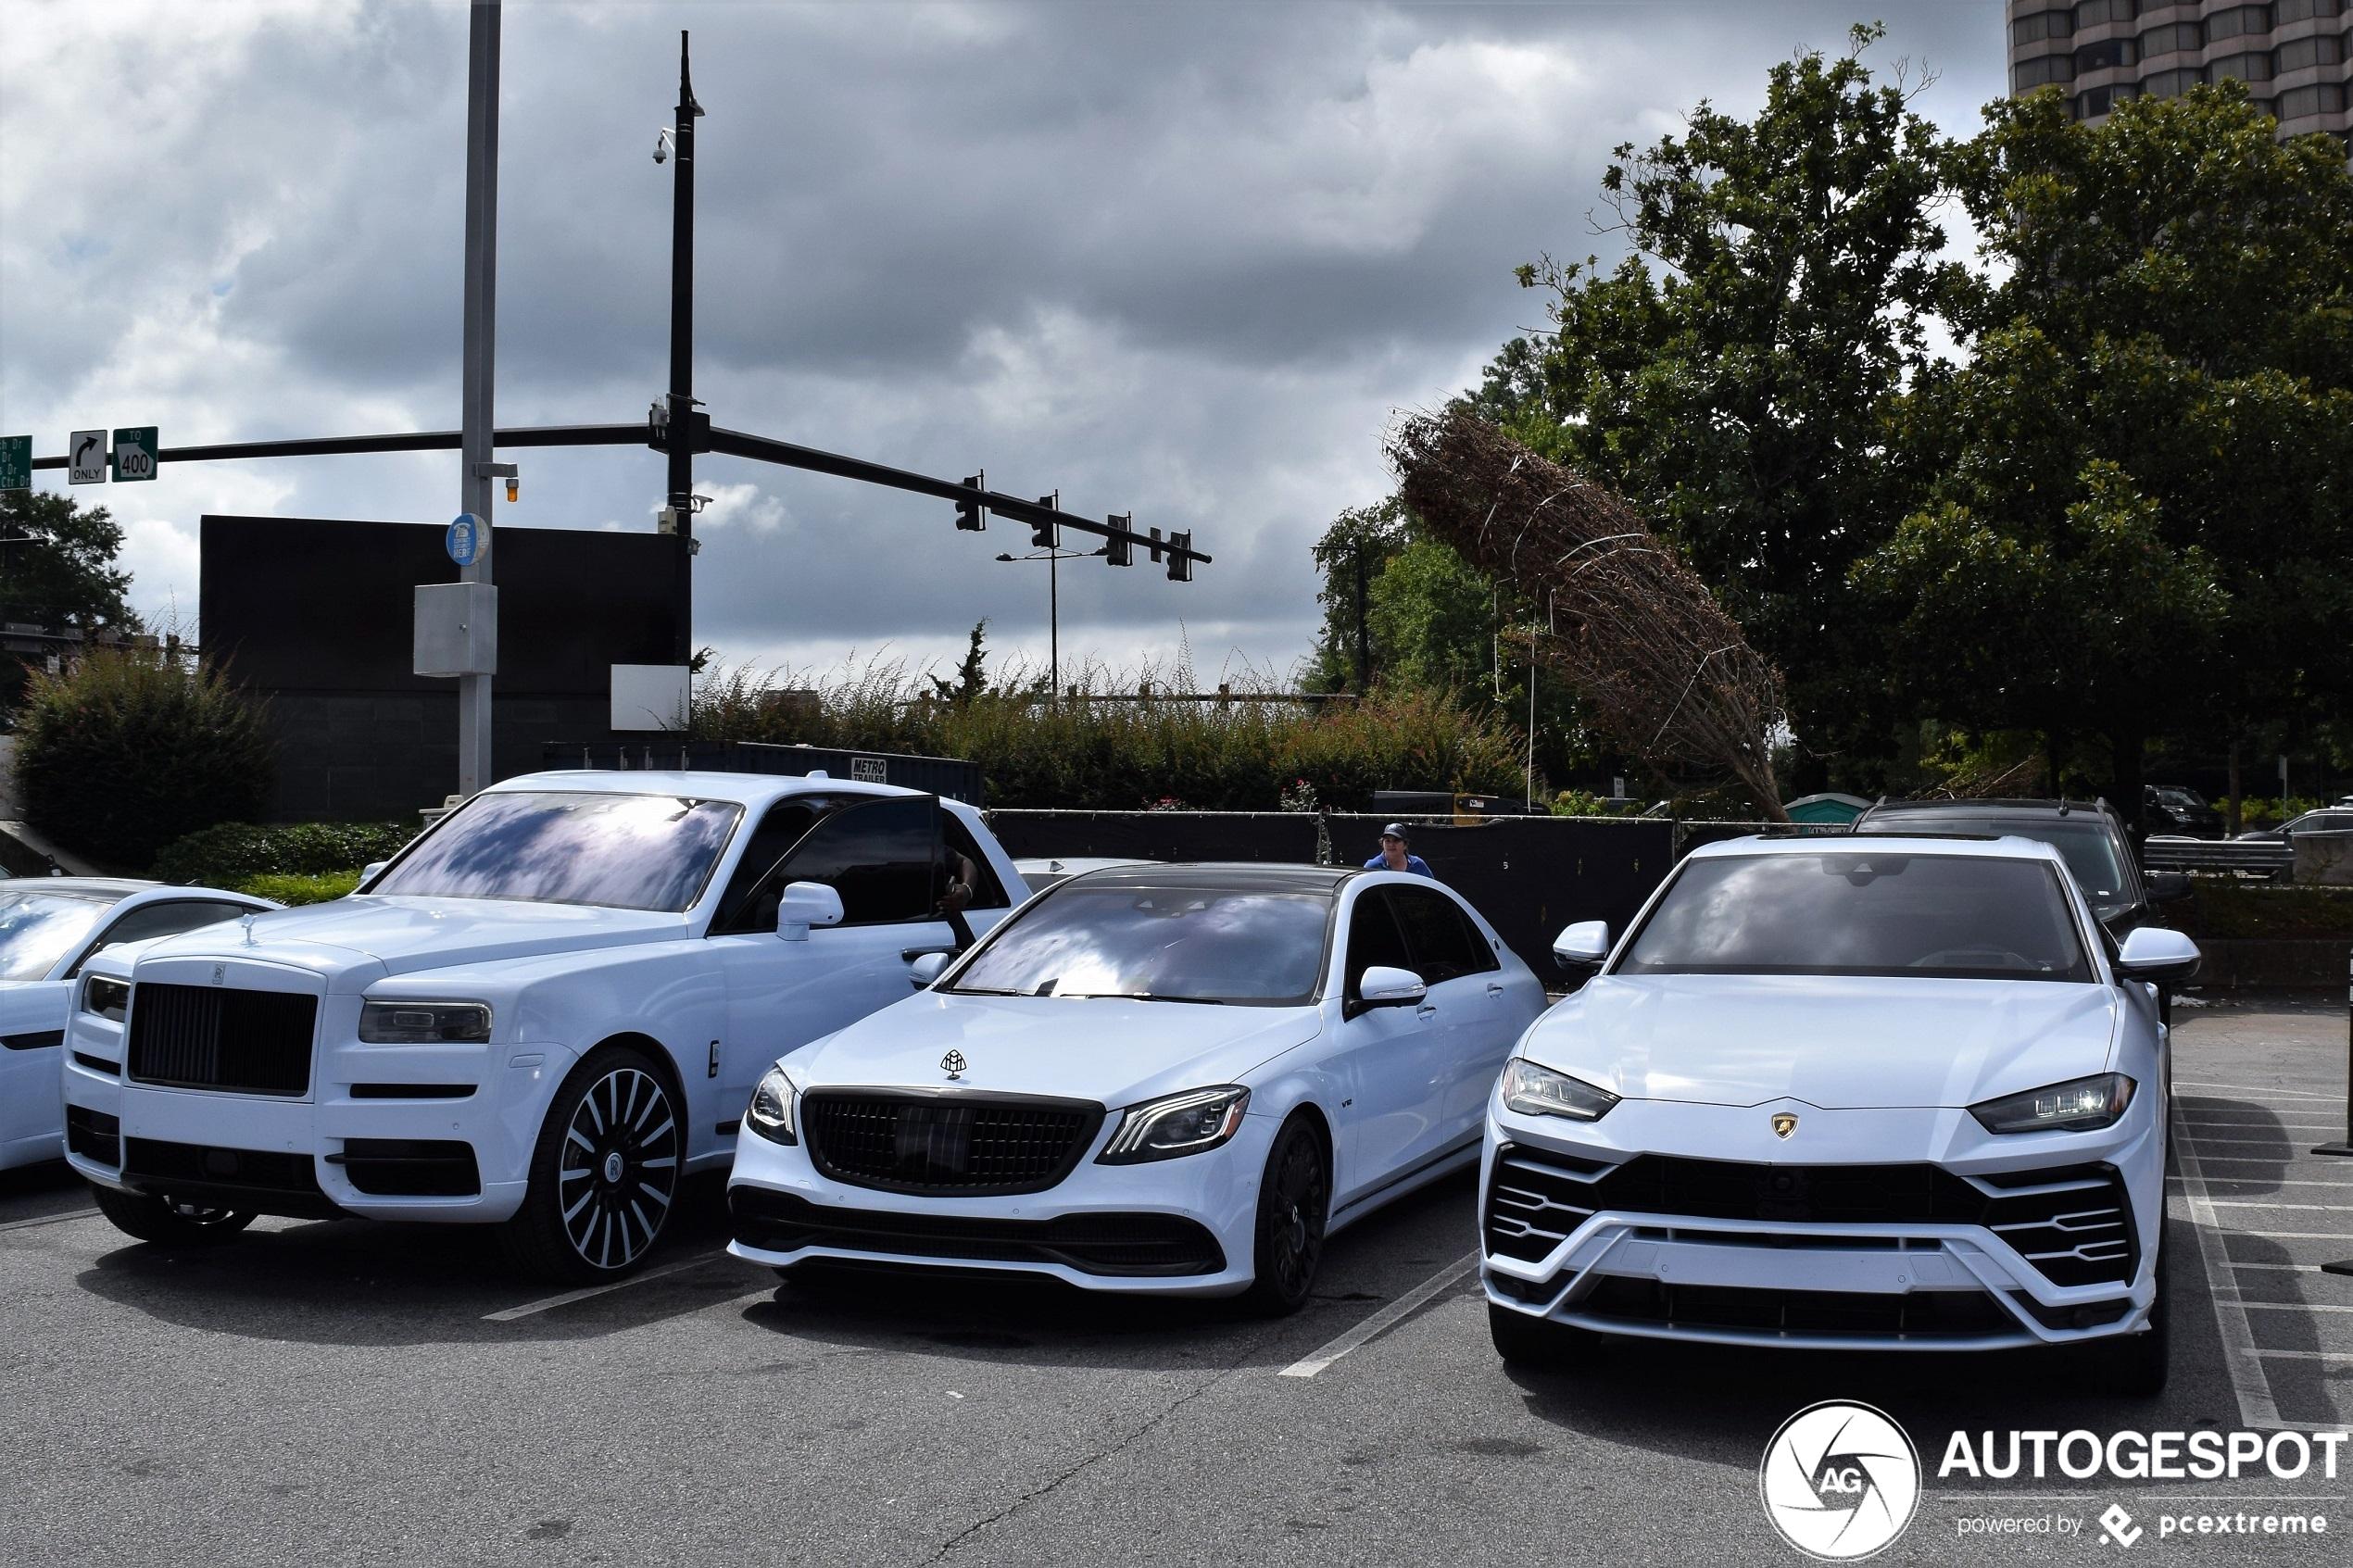 Maagdelijk wit trio pakt de aandacht in Atlanta